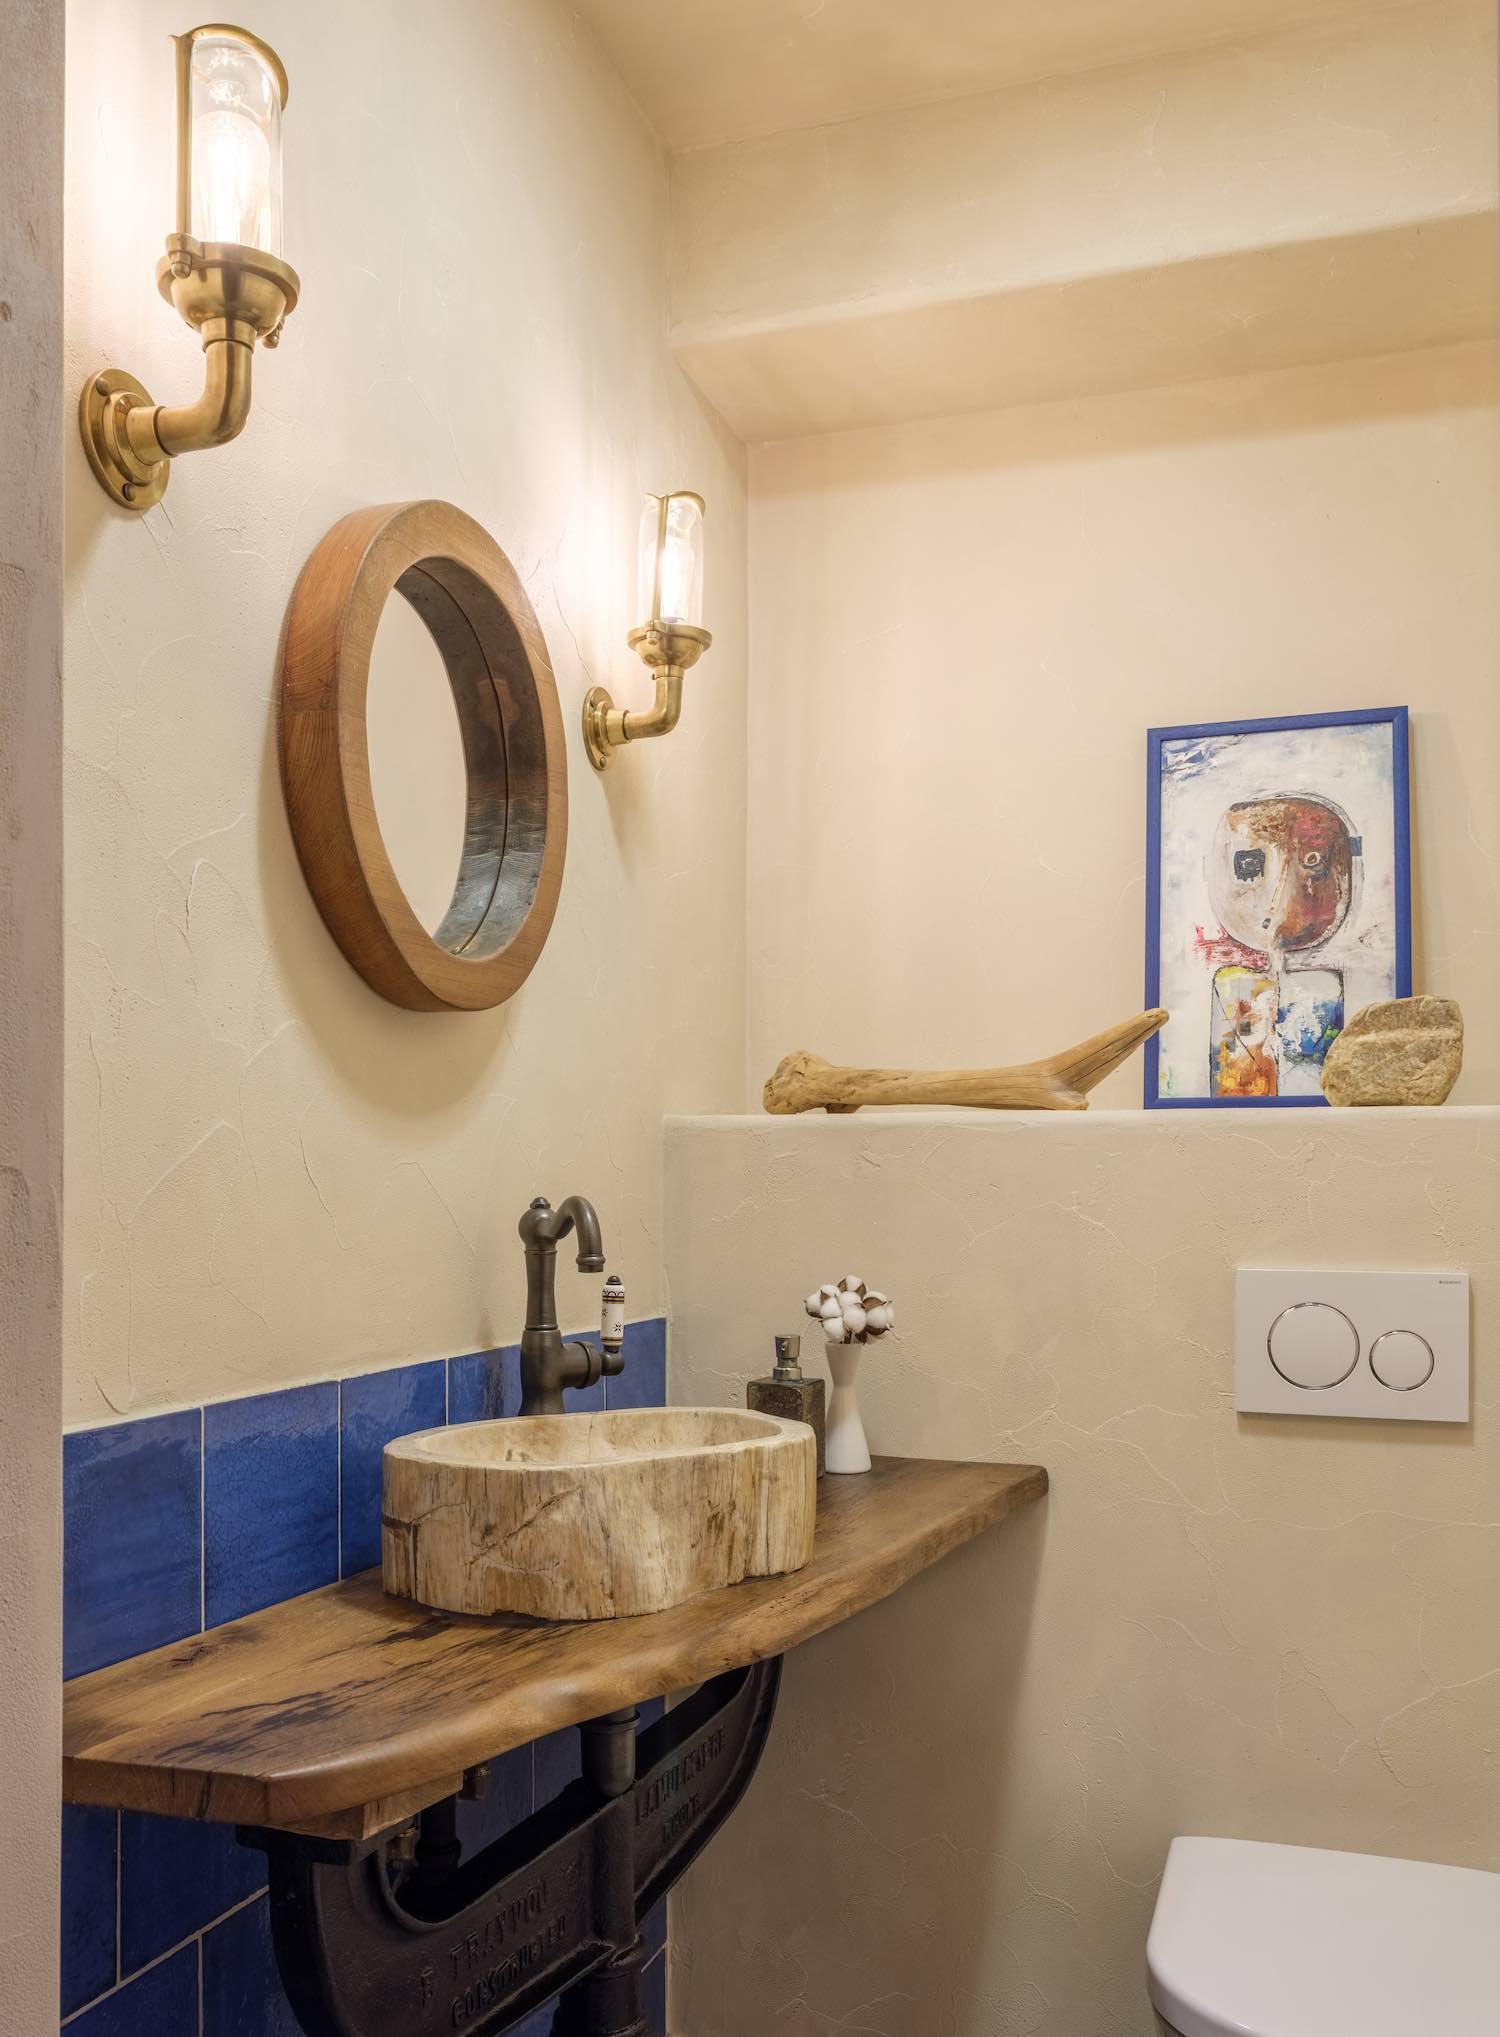 wooden washing basin in bathroom